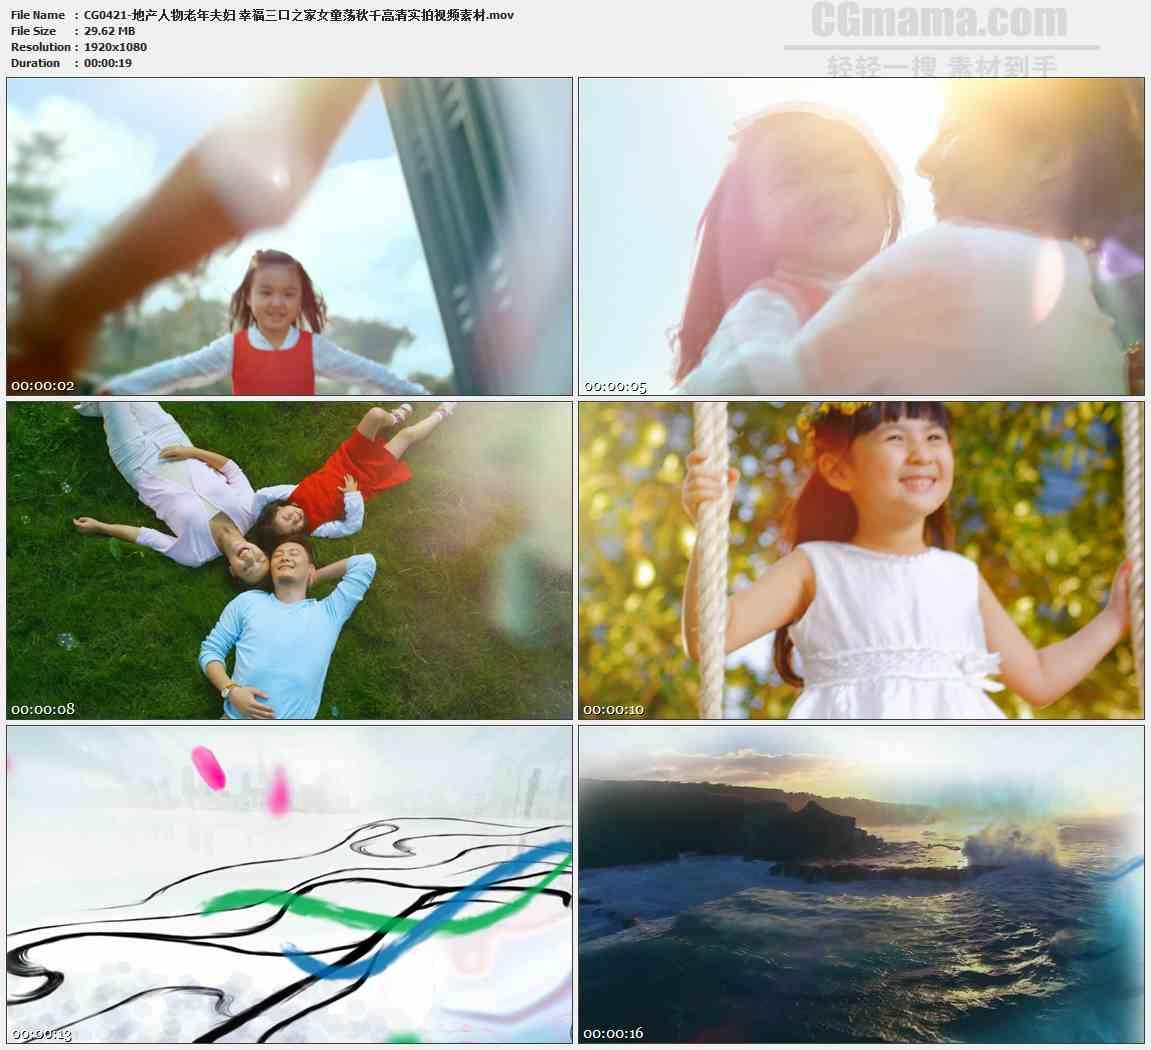 CG0421-地产人物老年夫妇幸福三口之家女童荡秋千高清实拍视频素材